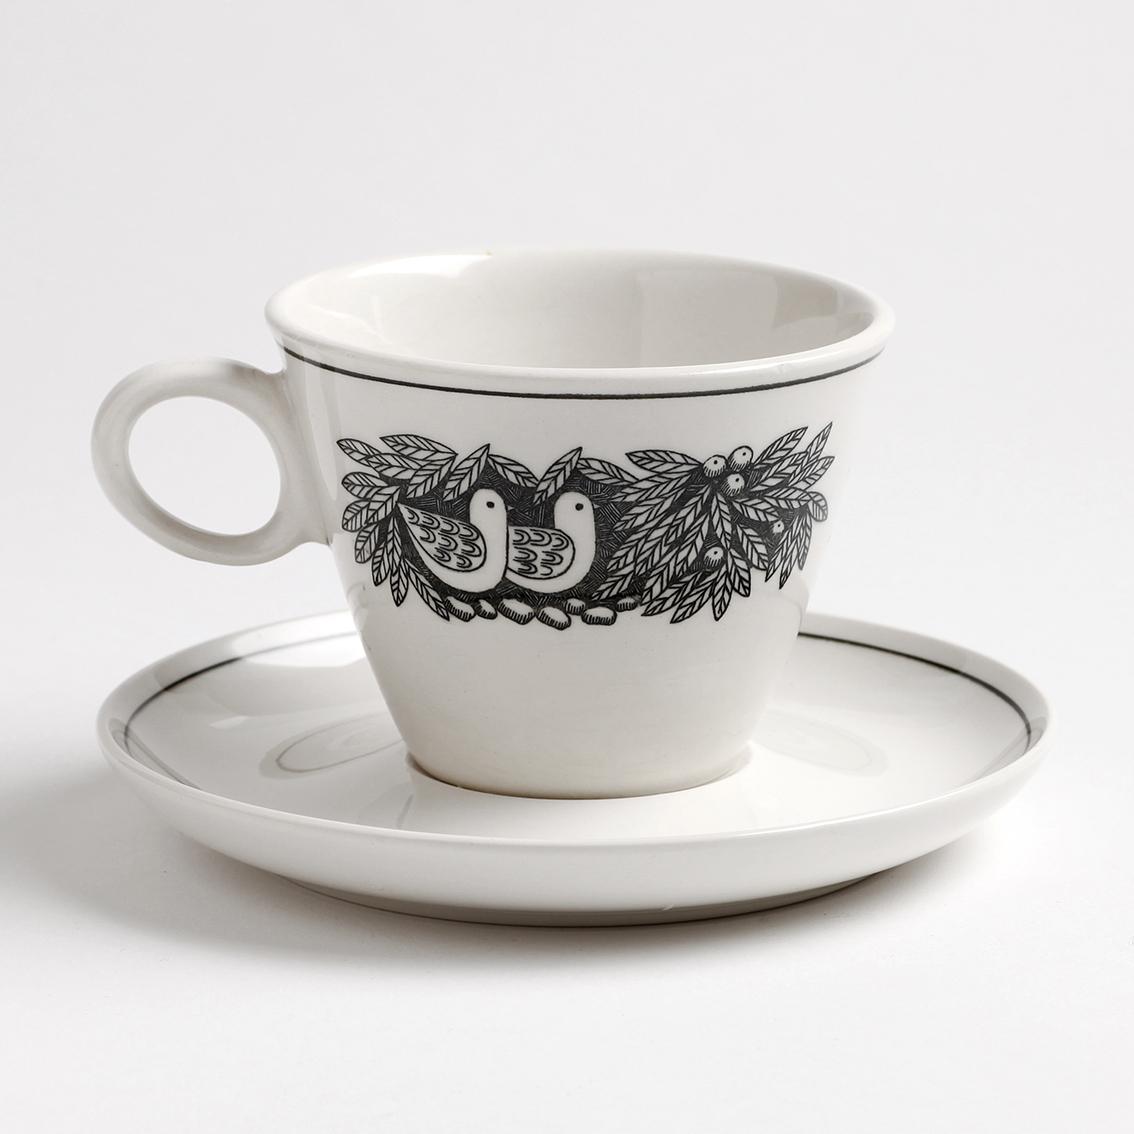 Franciscan フランシスカン Bird N' Hand 手の中の小鳥のカップ&ソーサー - 2 アメリカンヴィンテージ ★わけあり★